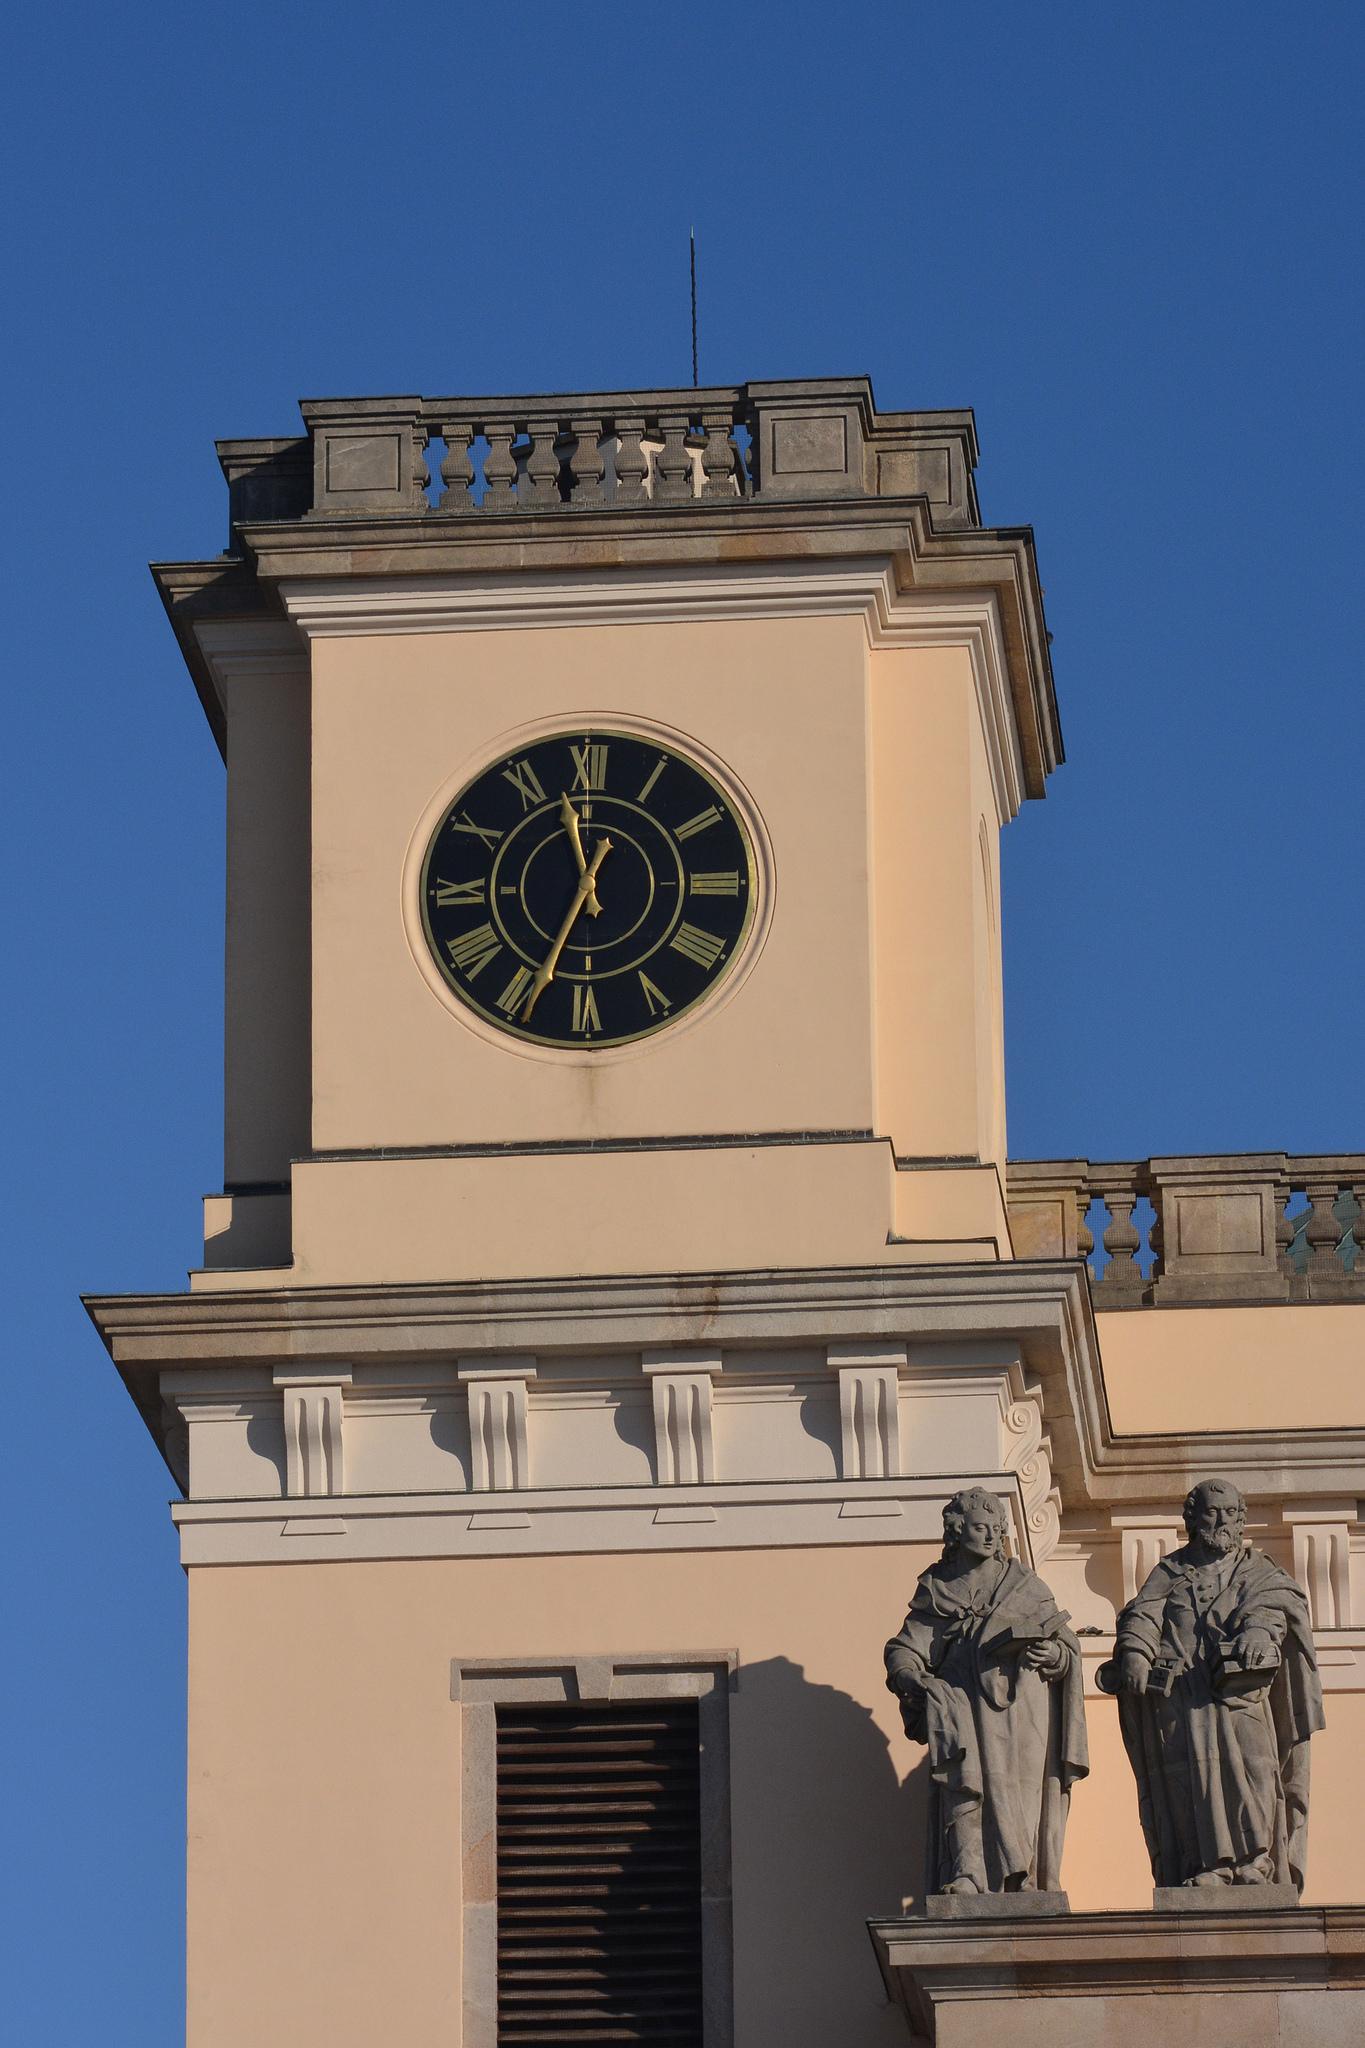 a tornyok legfelő szintjén az óra